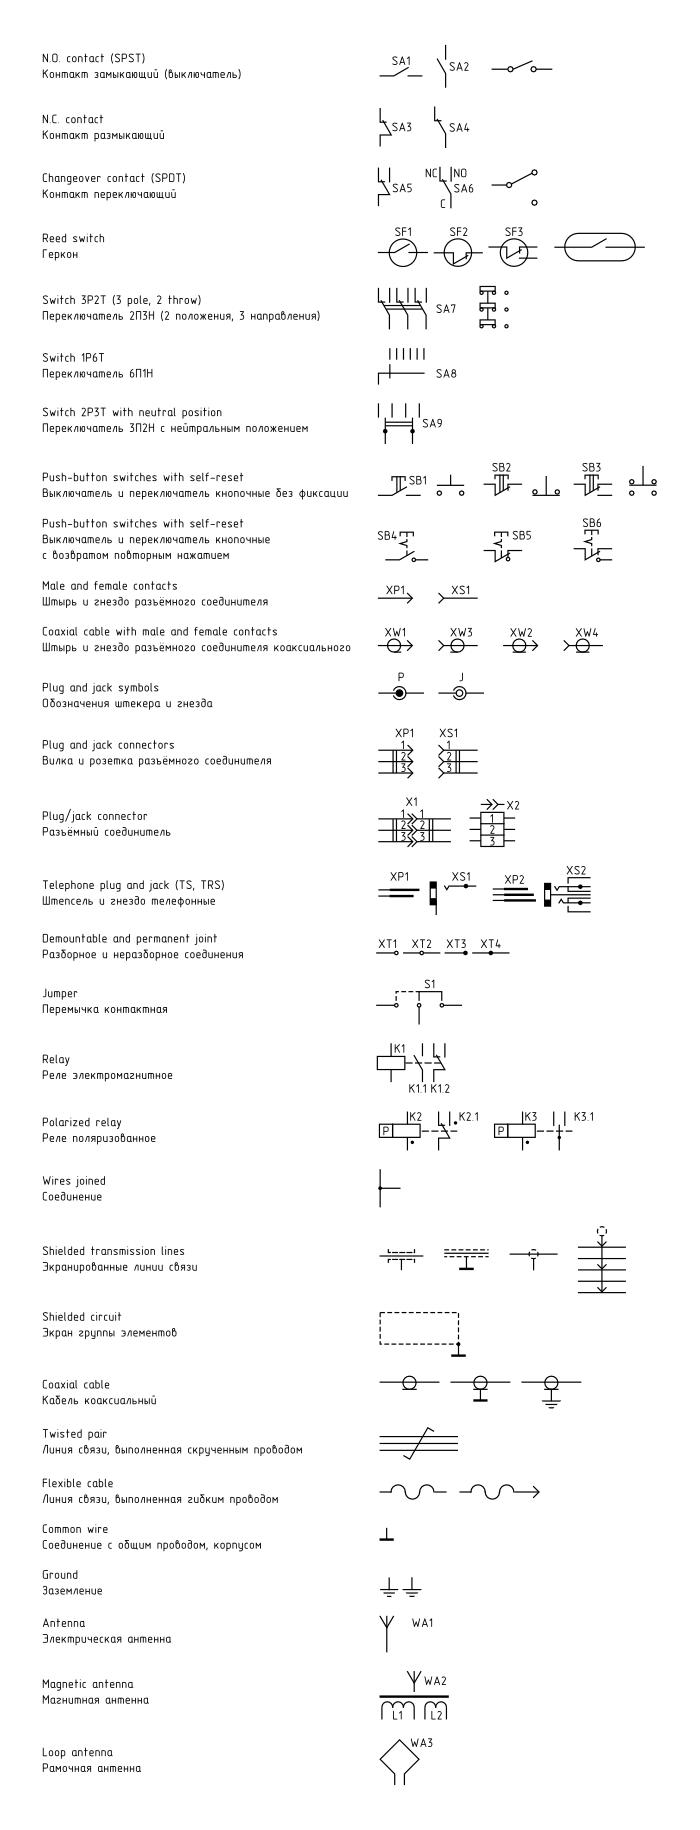 Переключатели, реле, провода, соединители, антенны